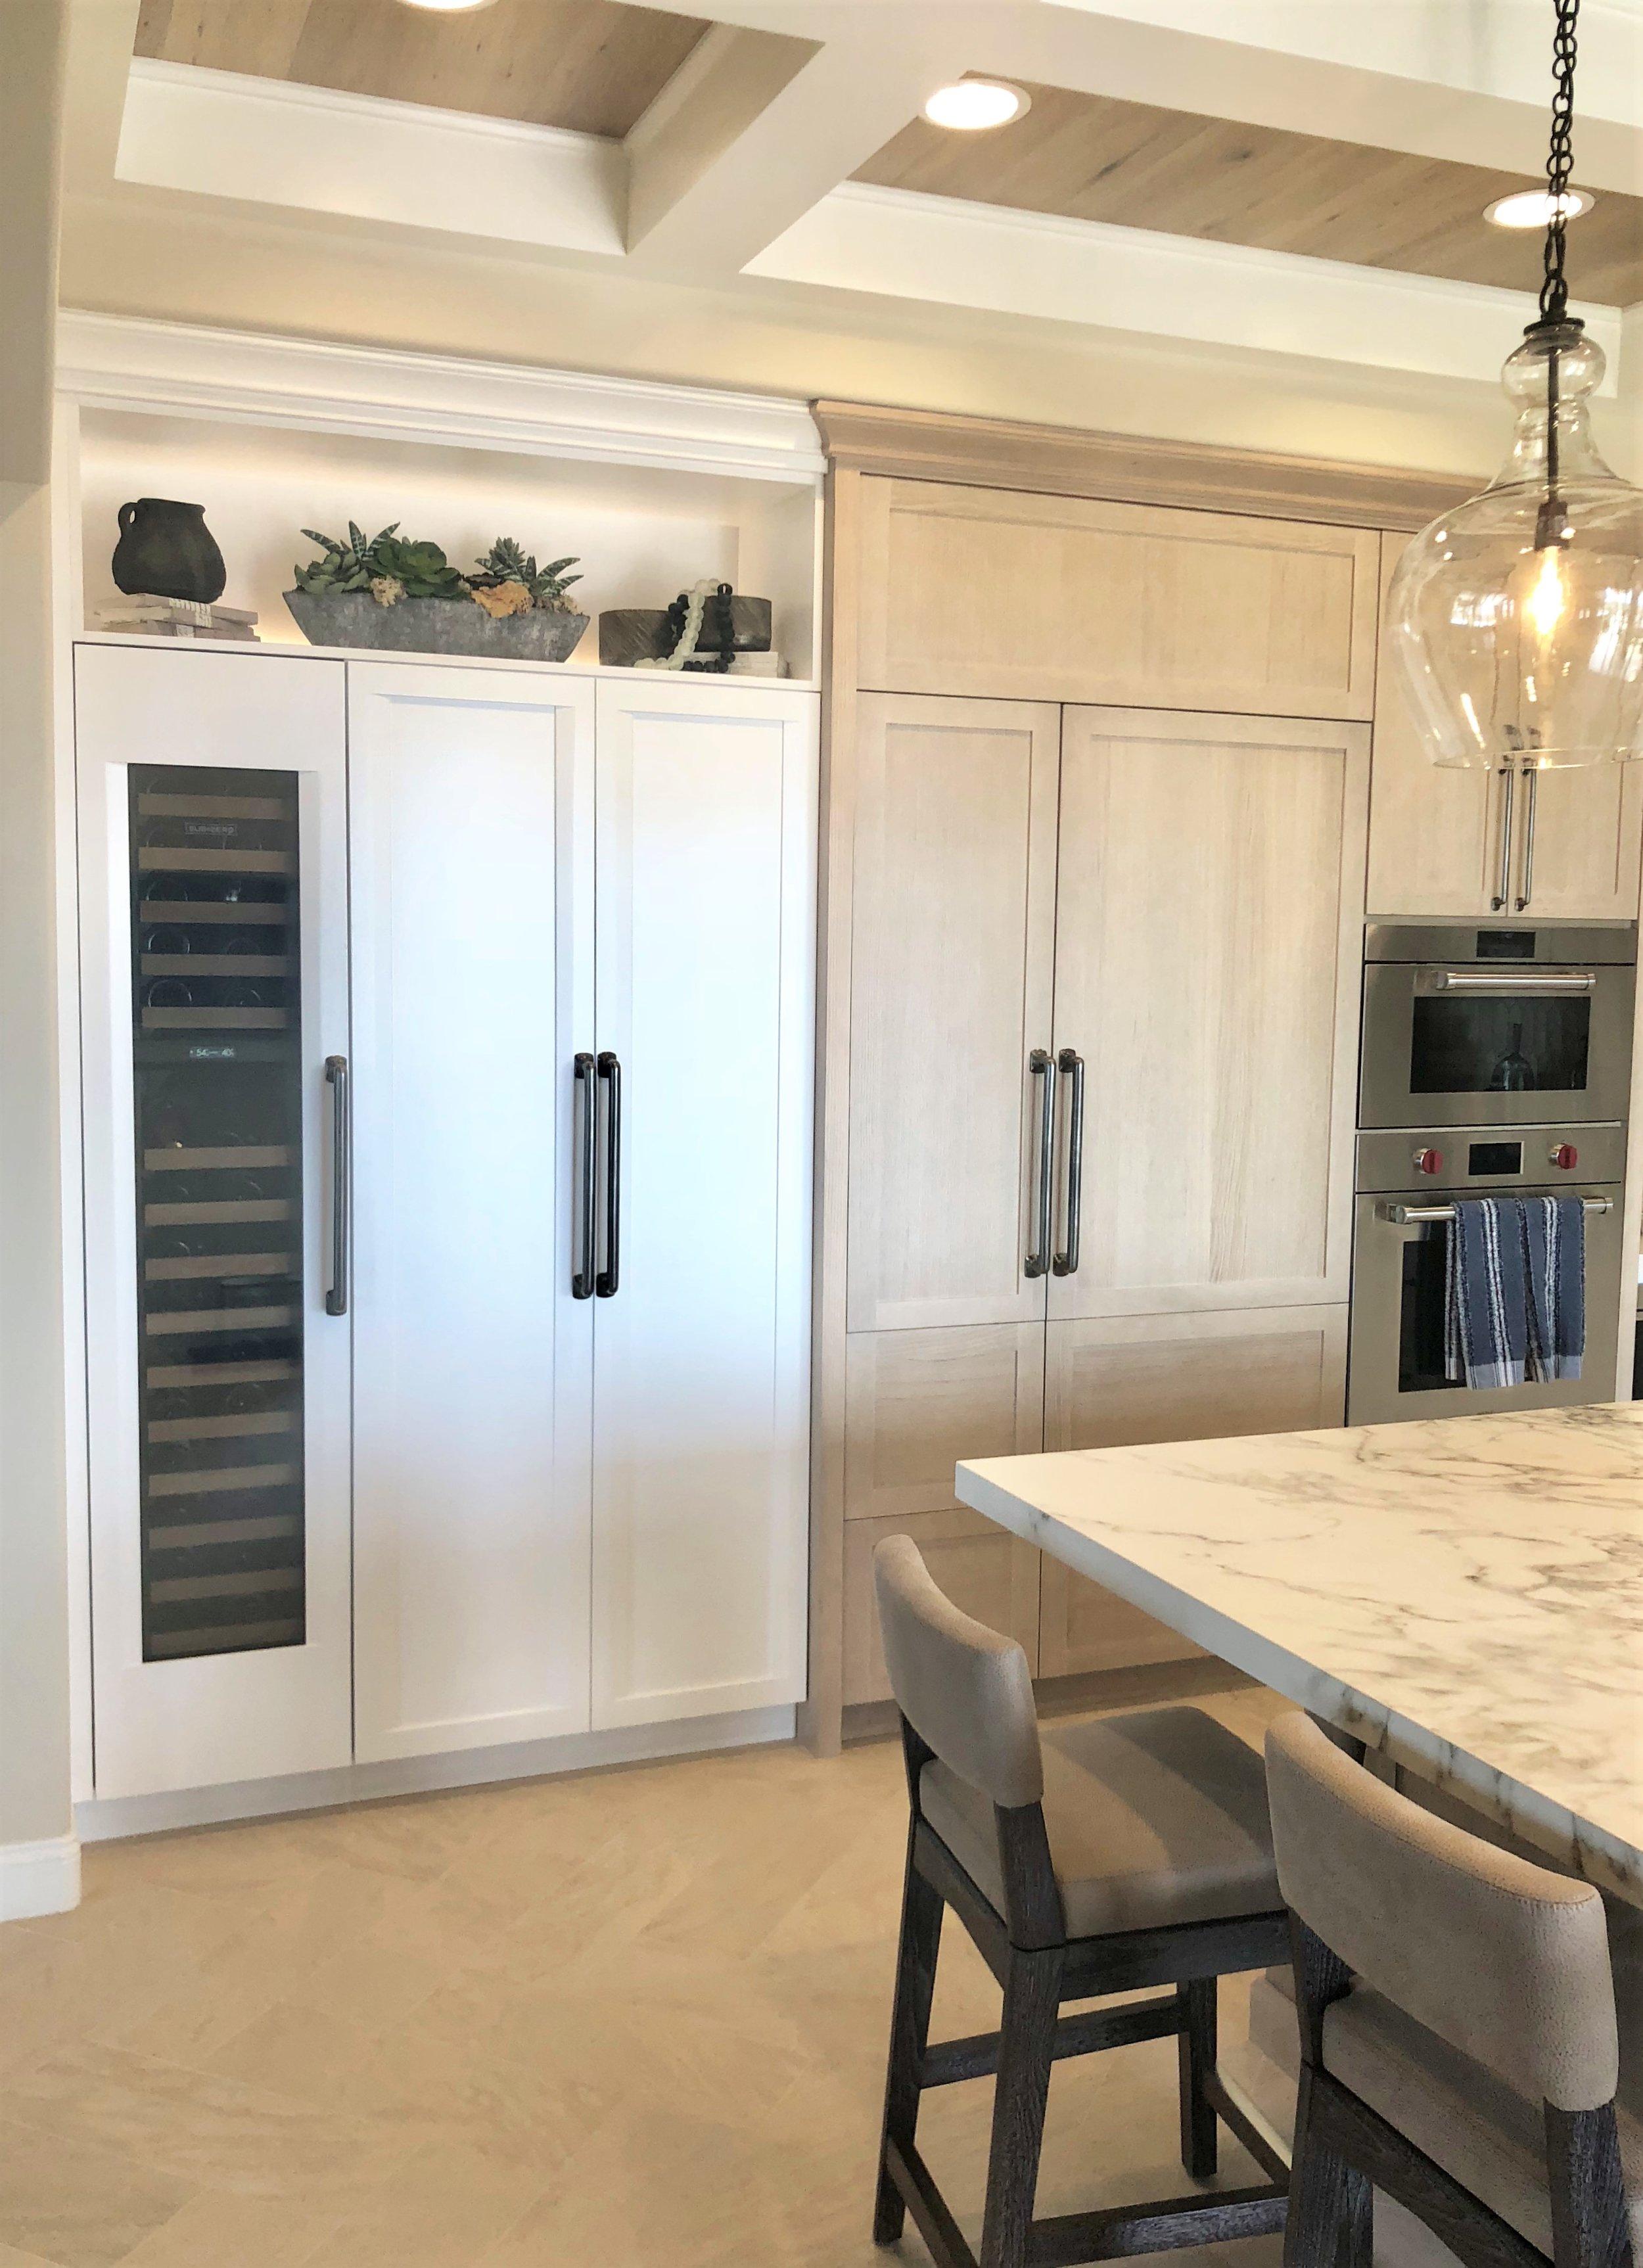 Signature Designs Kitchen Bath - Newport Coast, Newport Ca